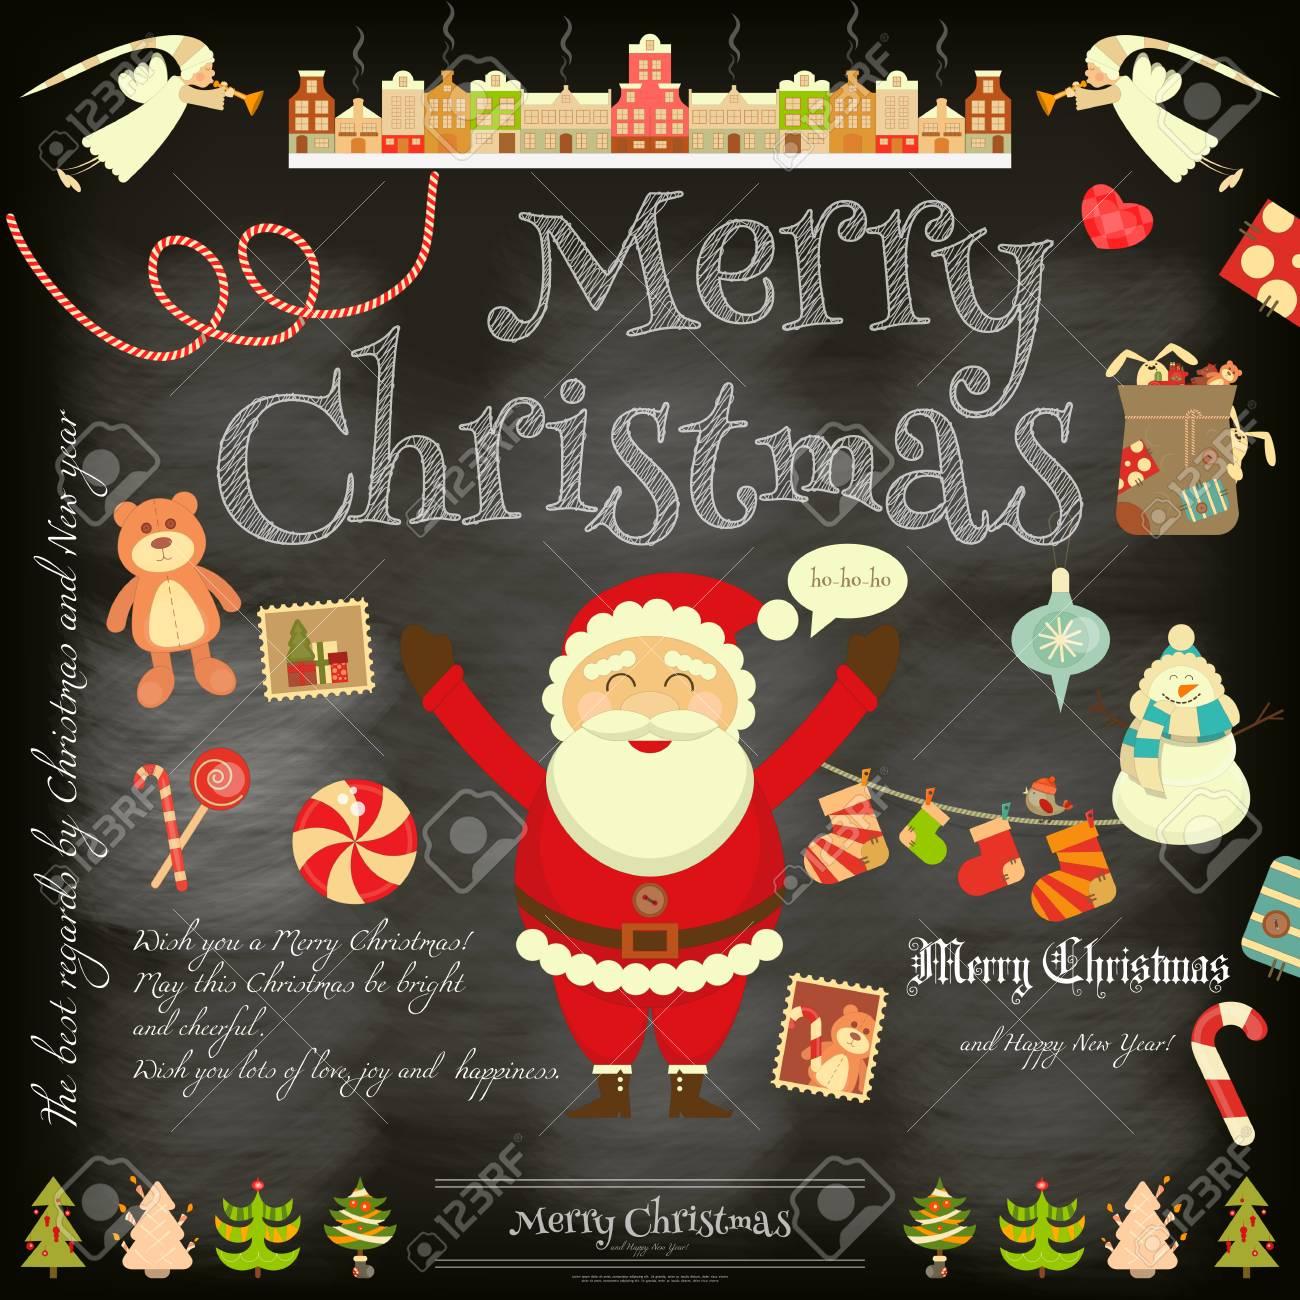 Immagini Babbo Natale Vintage.Poster Di Natale In Stile Retro Su Sfondo Di Lavagna Babbo Natale E Simboli Di Natale Su Vintage Greeting Card Illustrazione Vettoriale